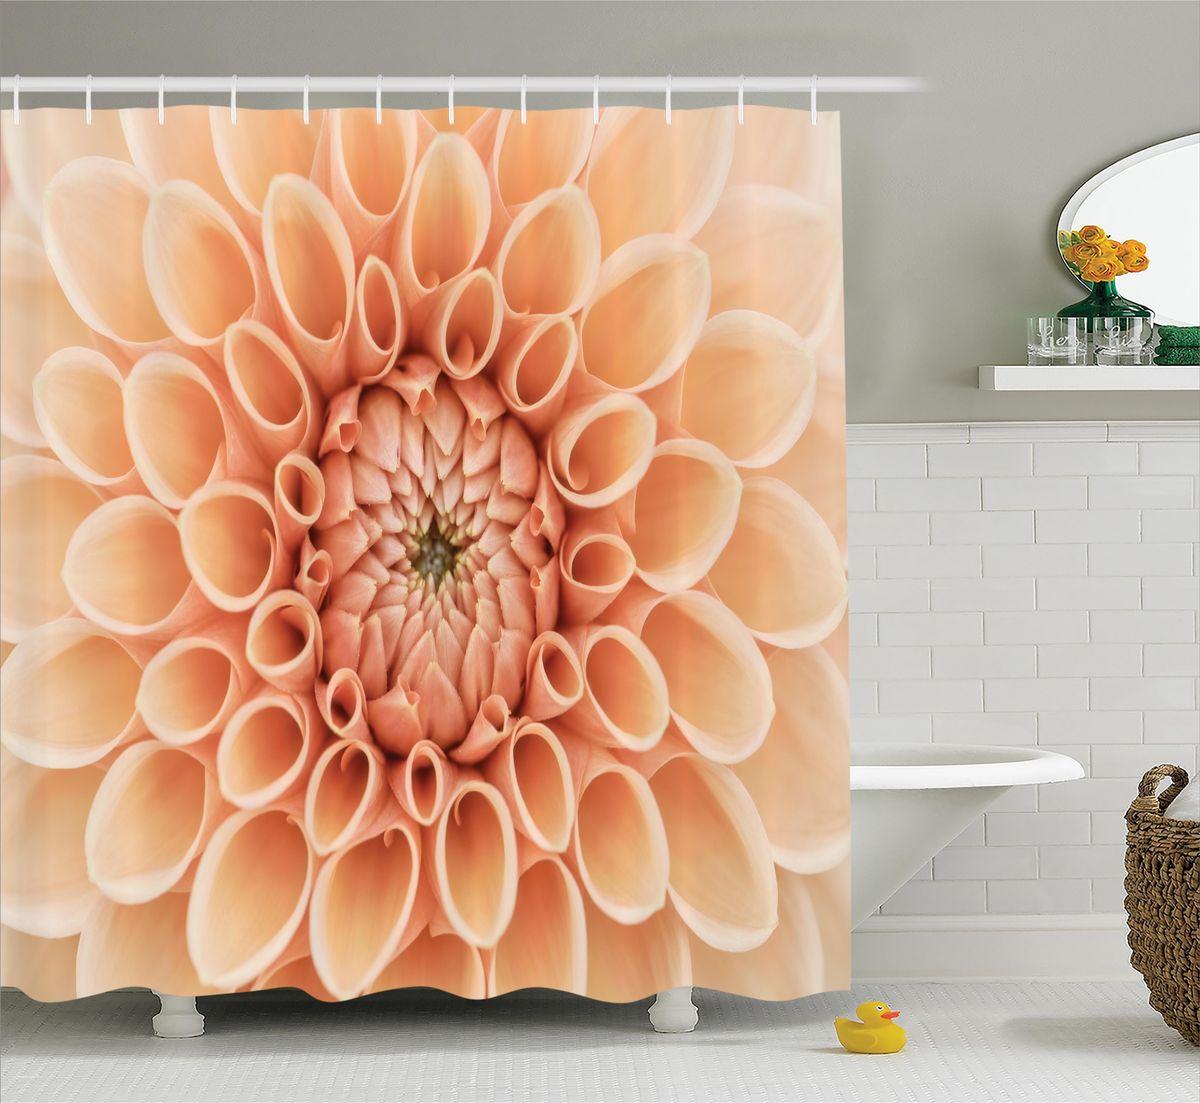 Штора для ванной комнаты Magic Lady  Оранжевая хризантема , 180 х 200 см - Шторки, кольца и карнизы для ванной